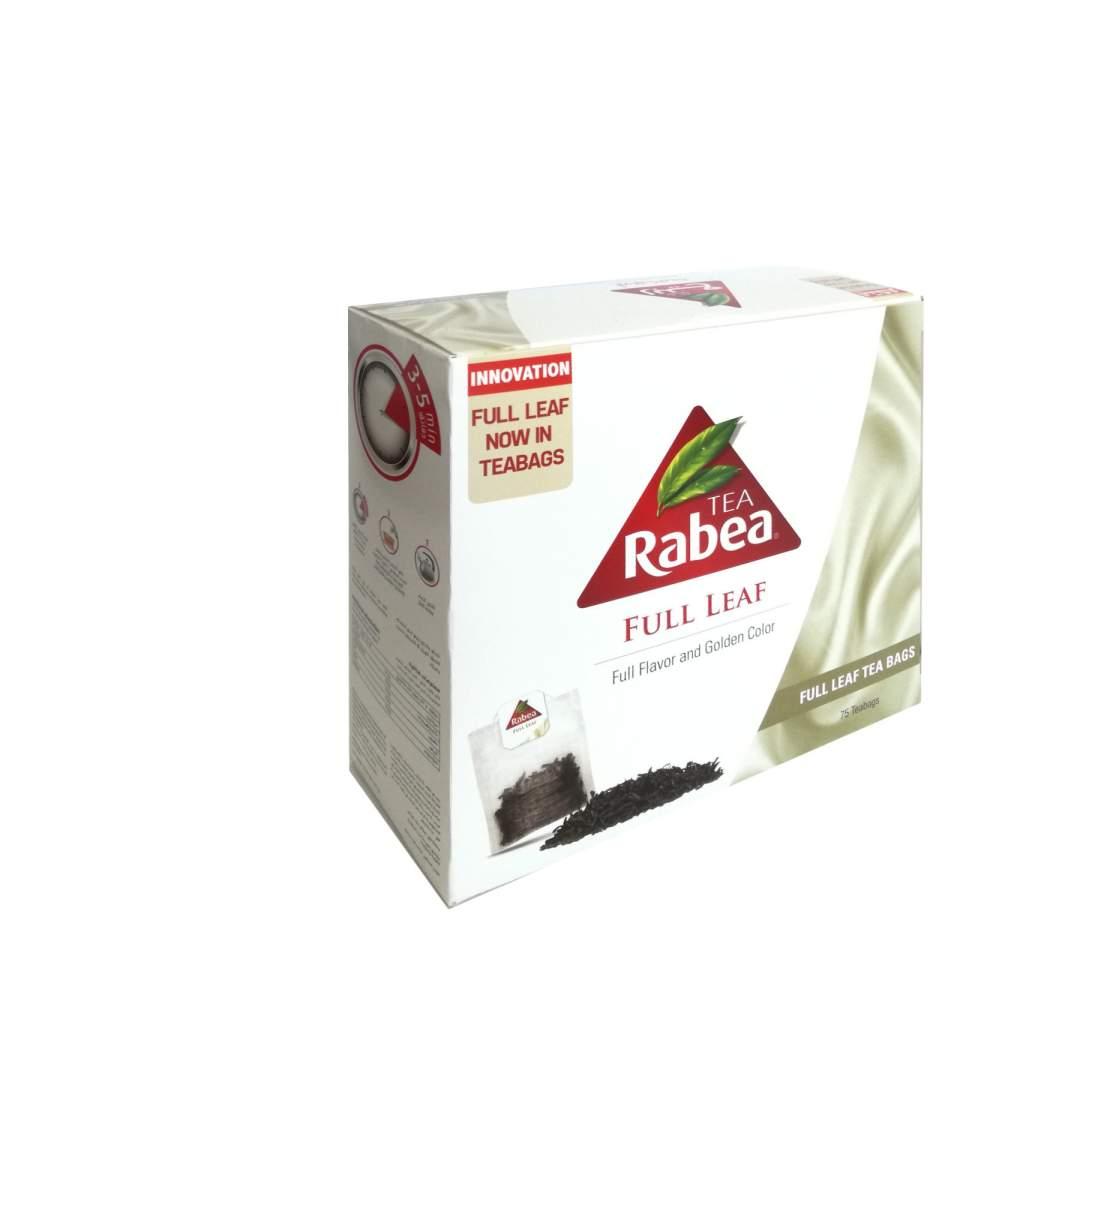 ربيع شاي أسود الأوراق الكاملة 75 كيس Upc 6281013221192 أسواق كوم